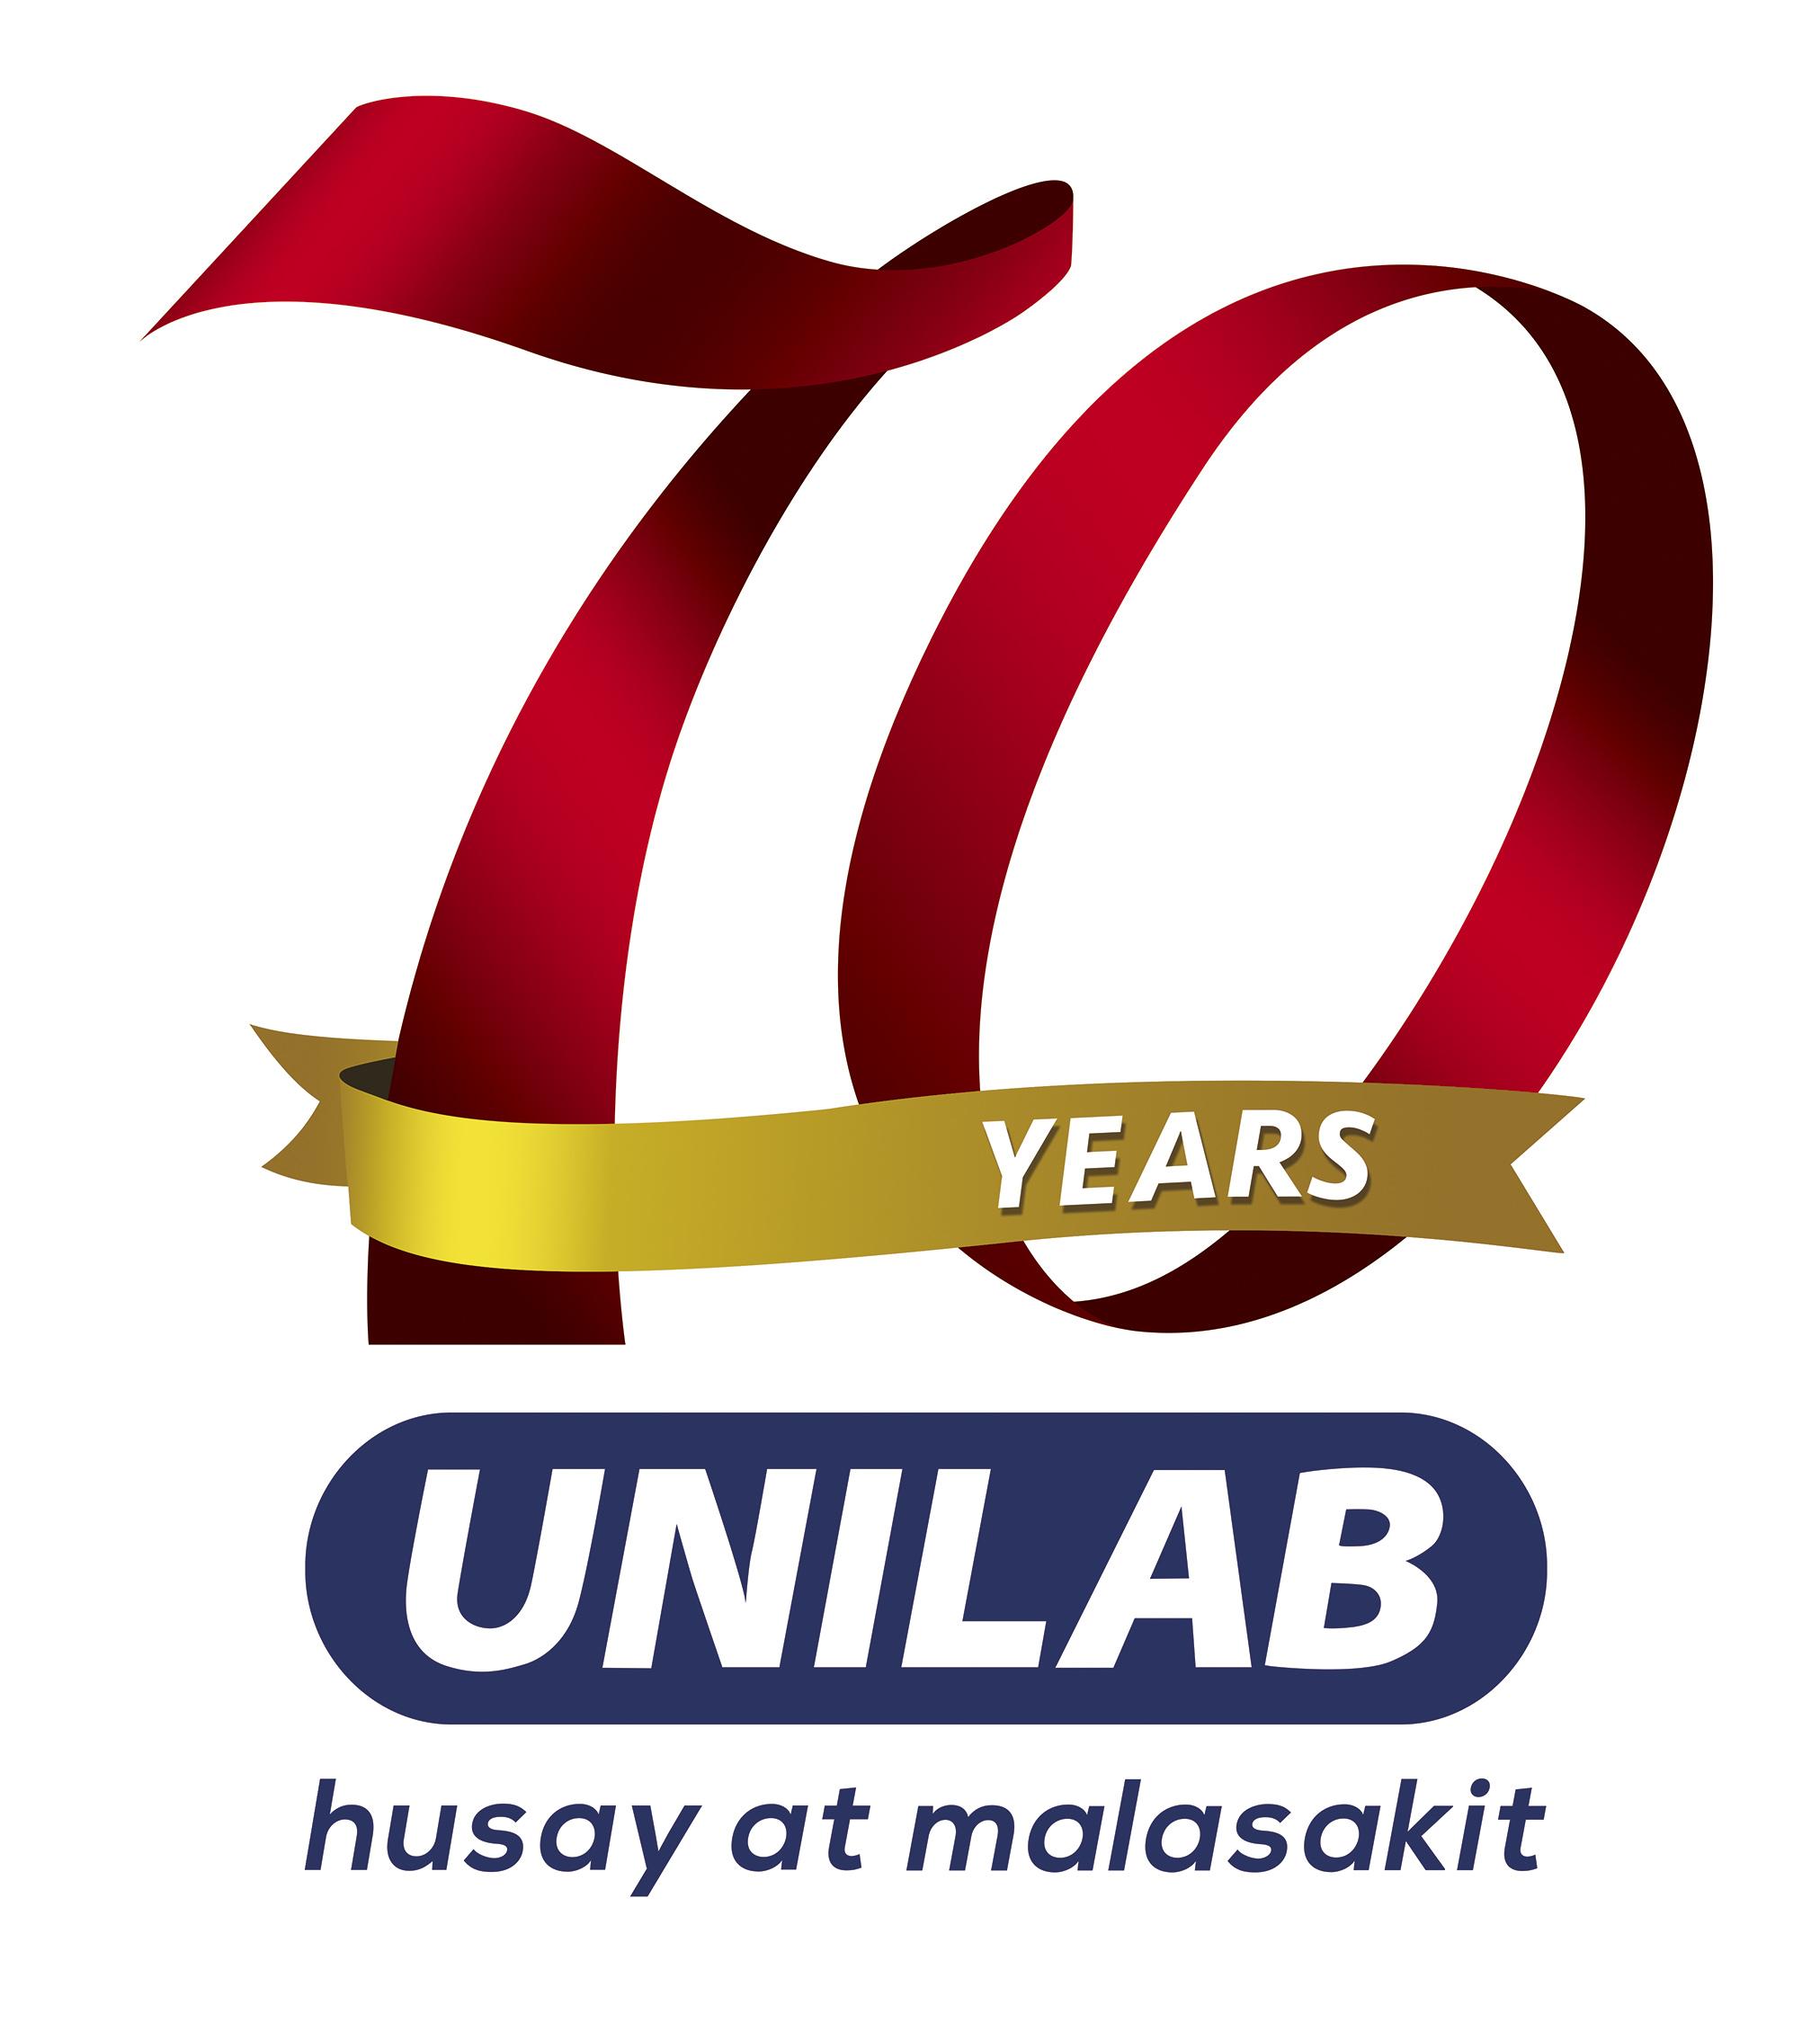 Unilab 70 Years Logo